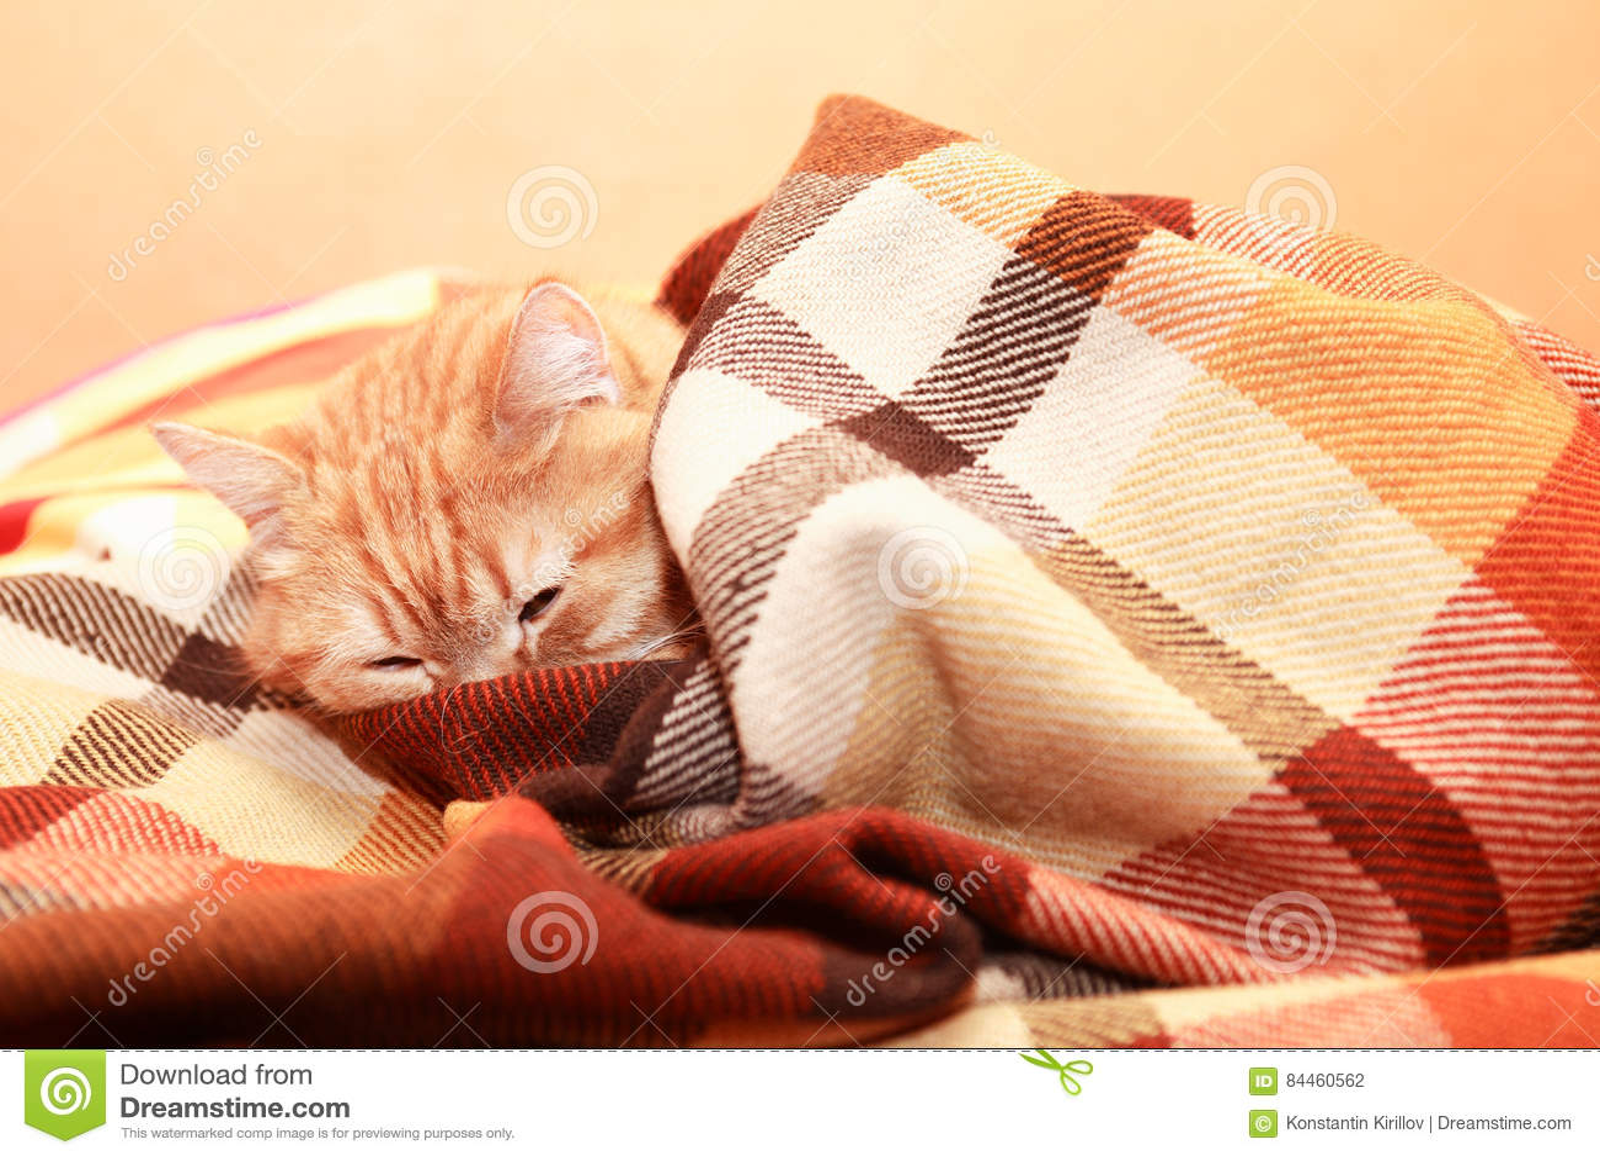 Cat Under Plaid